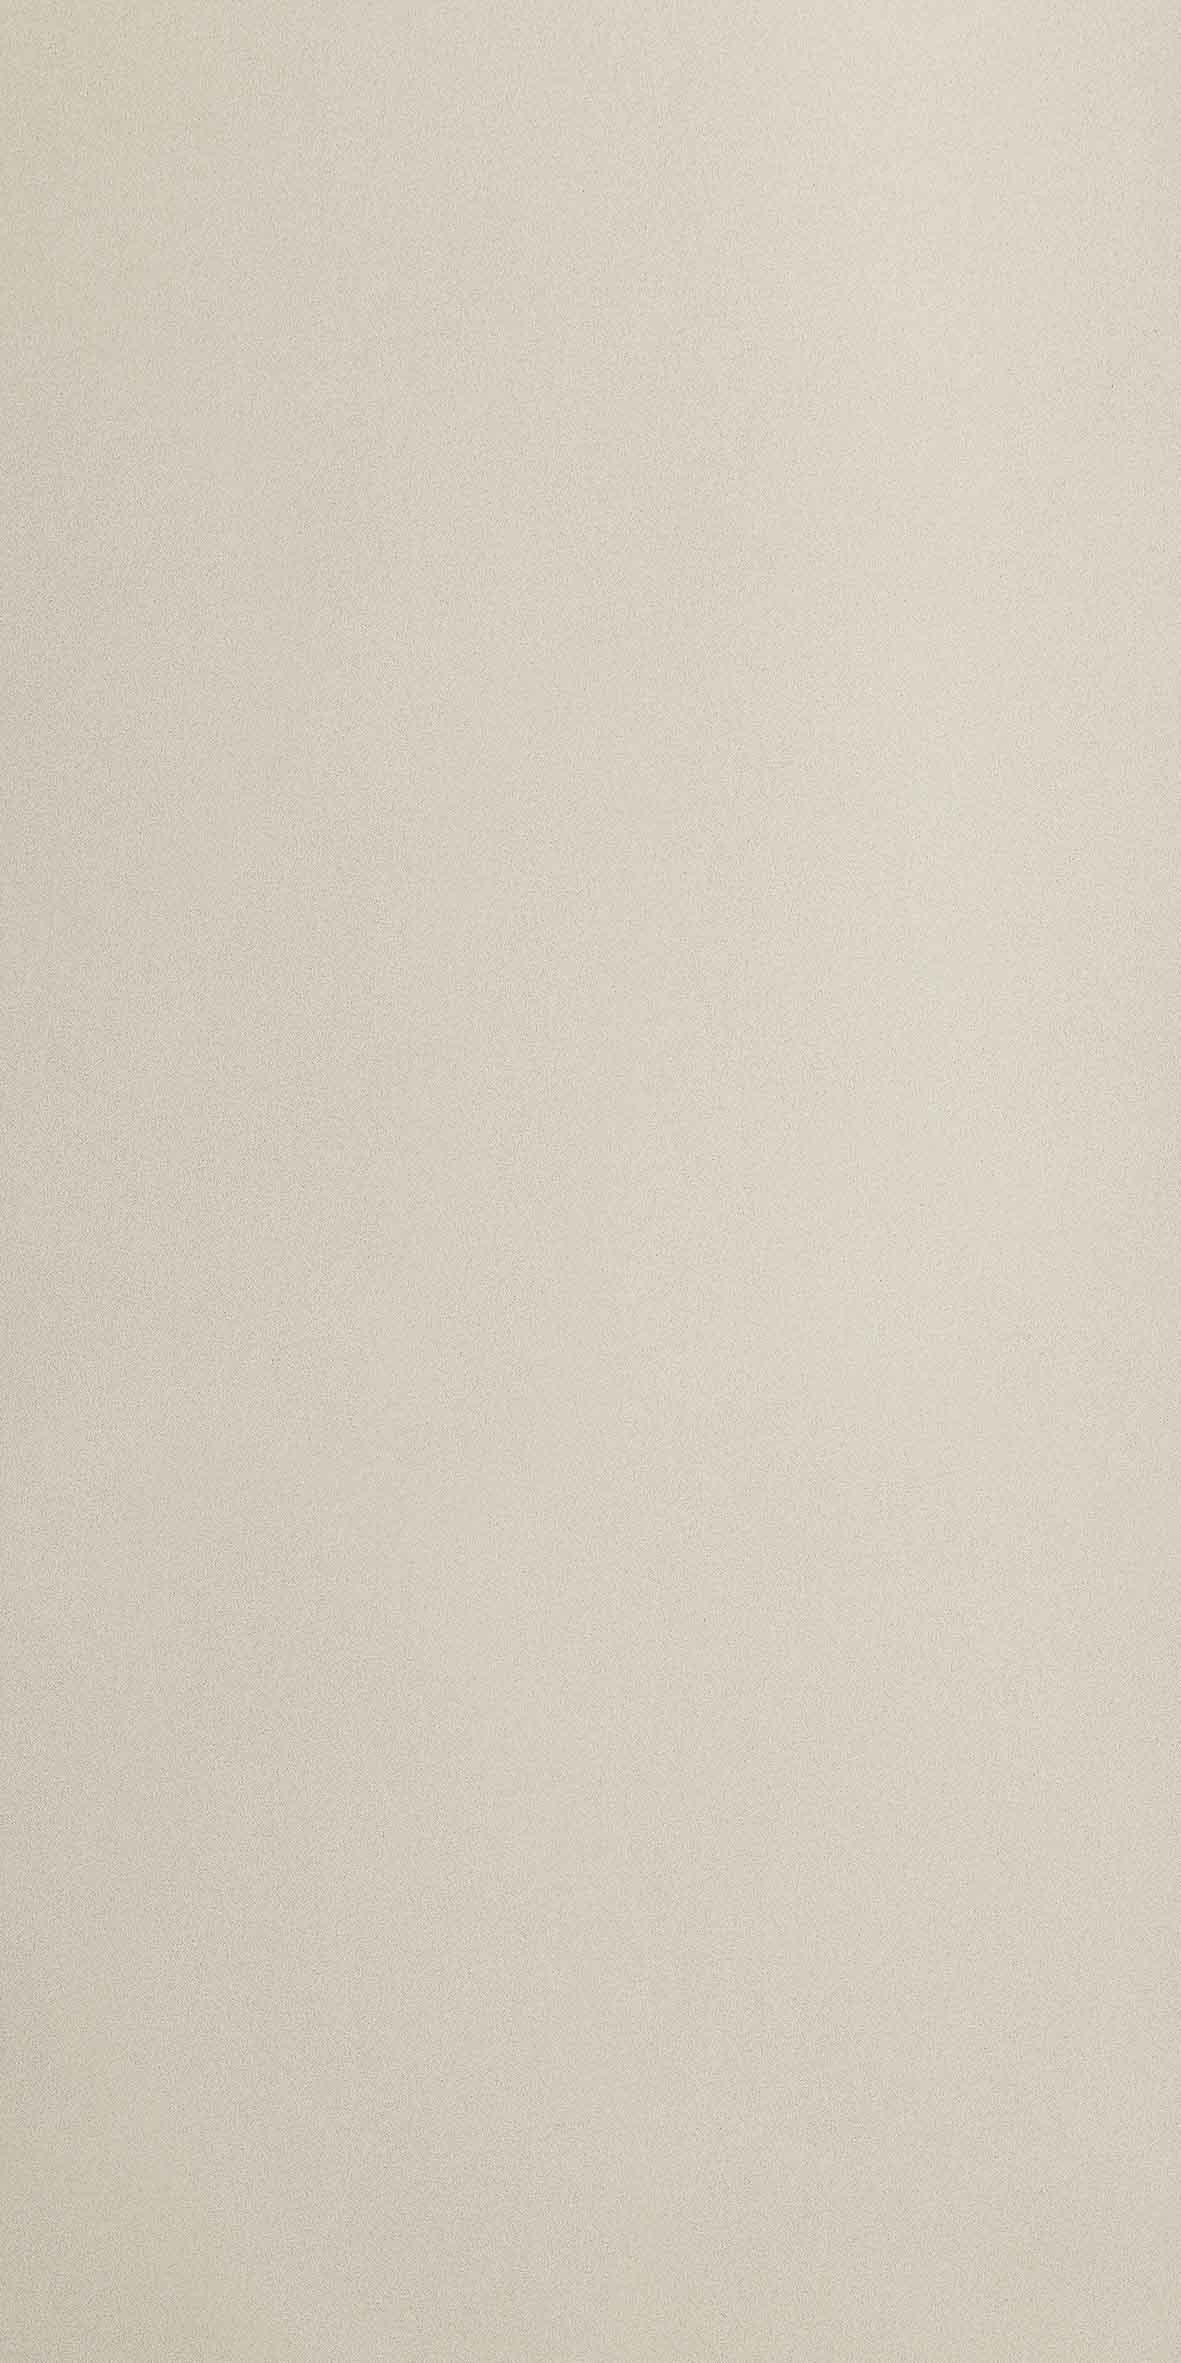 Buildtech 2.0 TU White Glossy 10mm 60 x 120